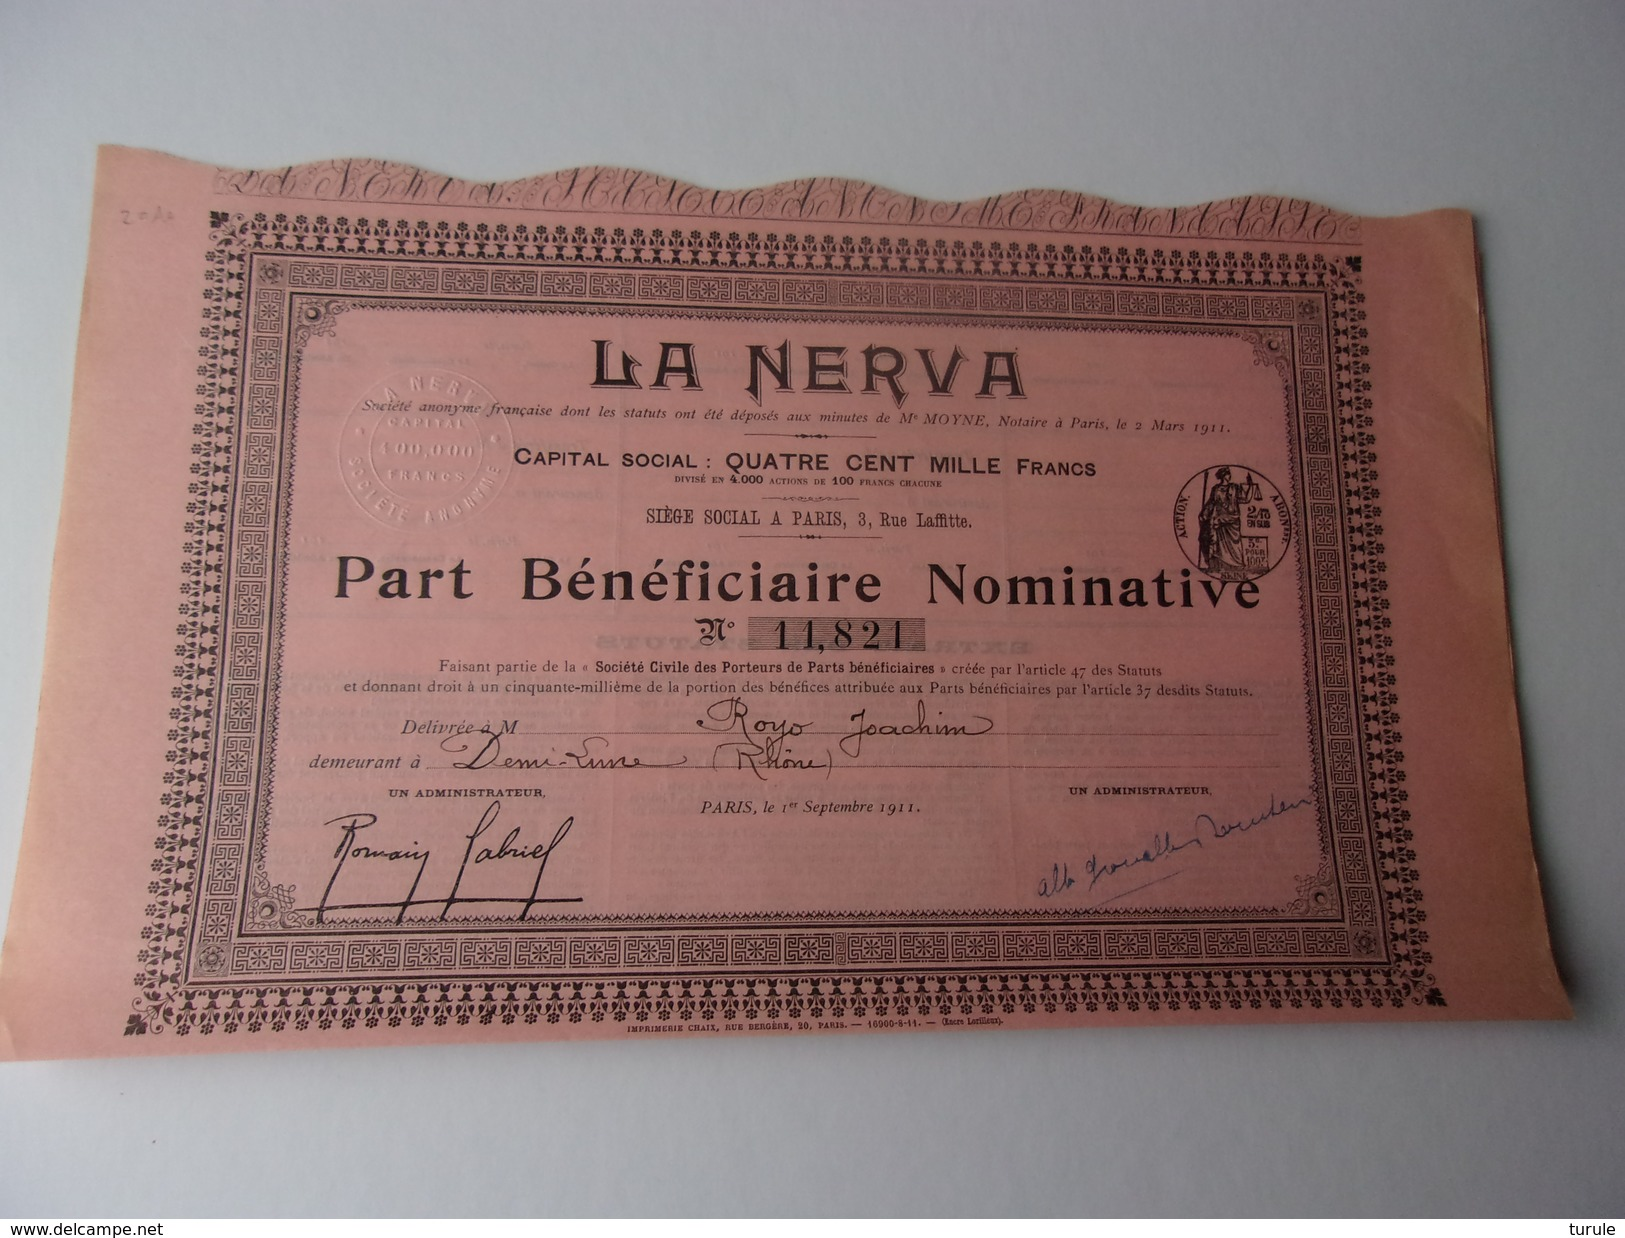 LA NERVA (1911) - Shareholdings